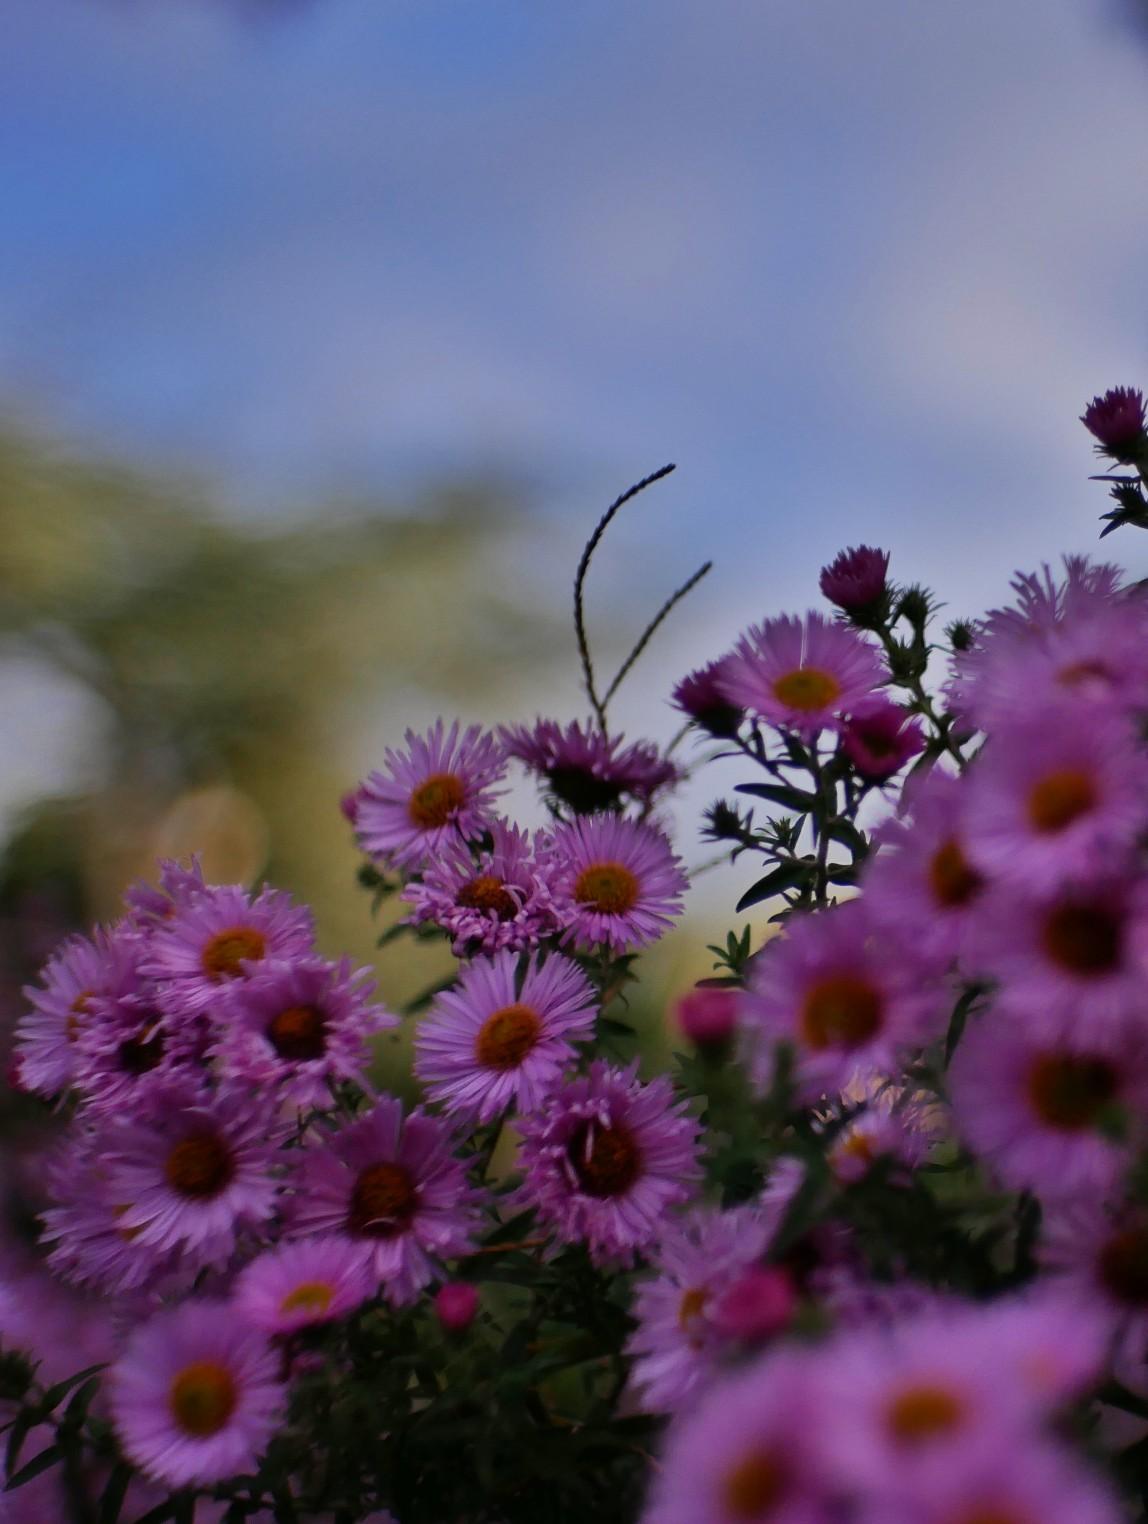 Herbstblumen, astern herbst